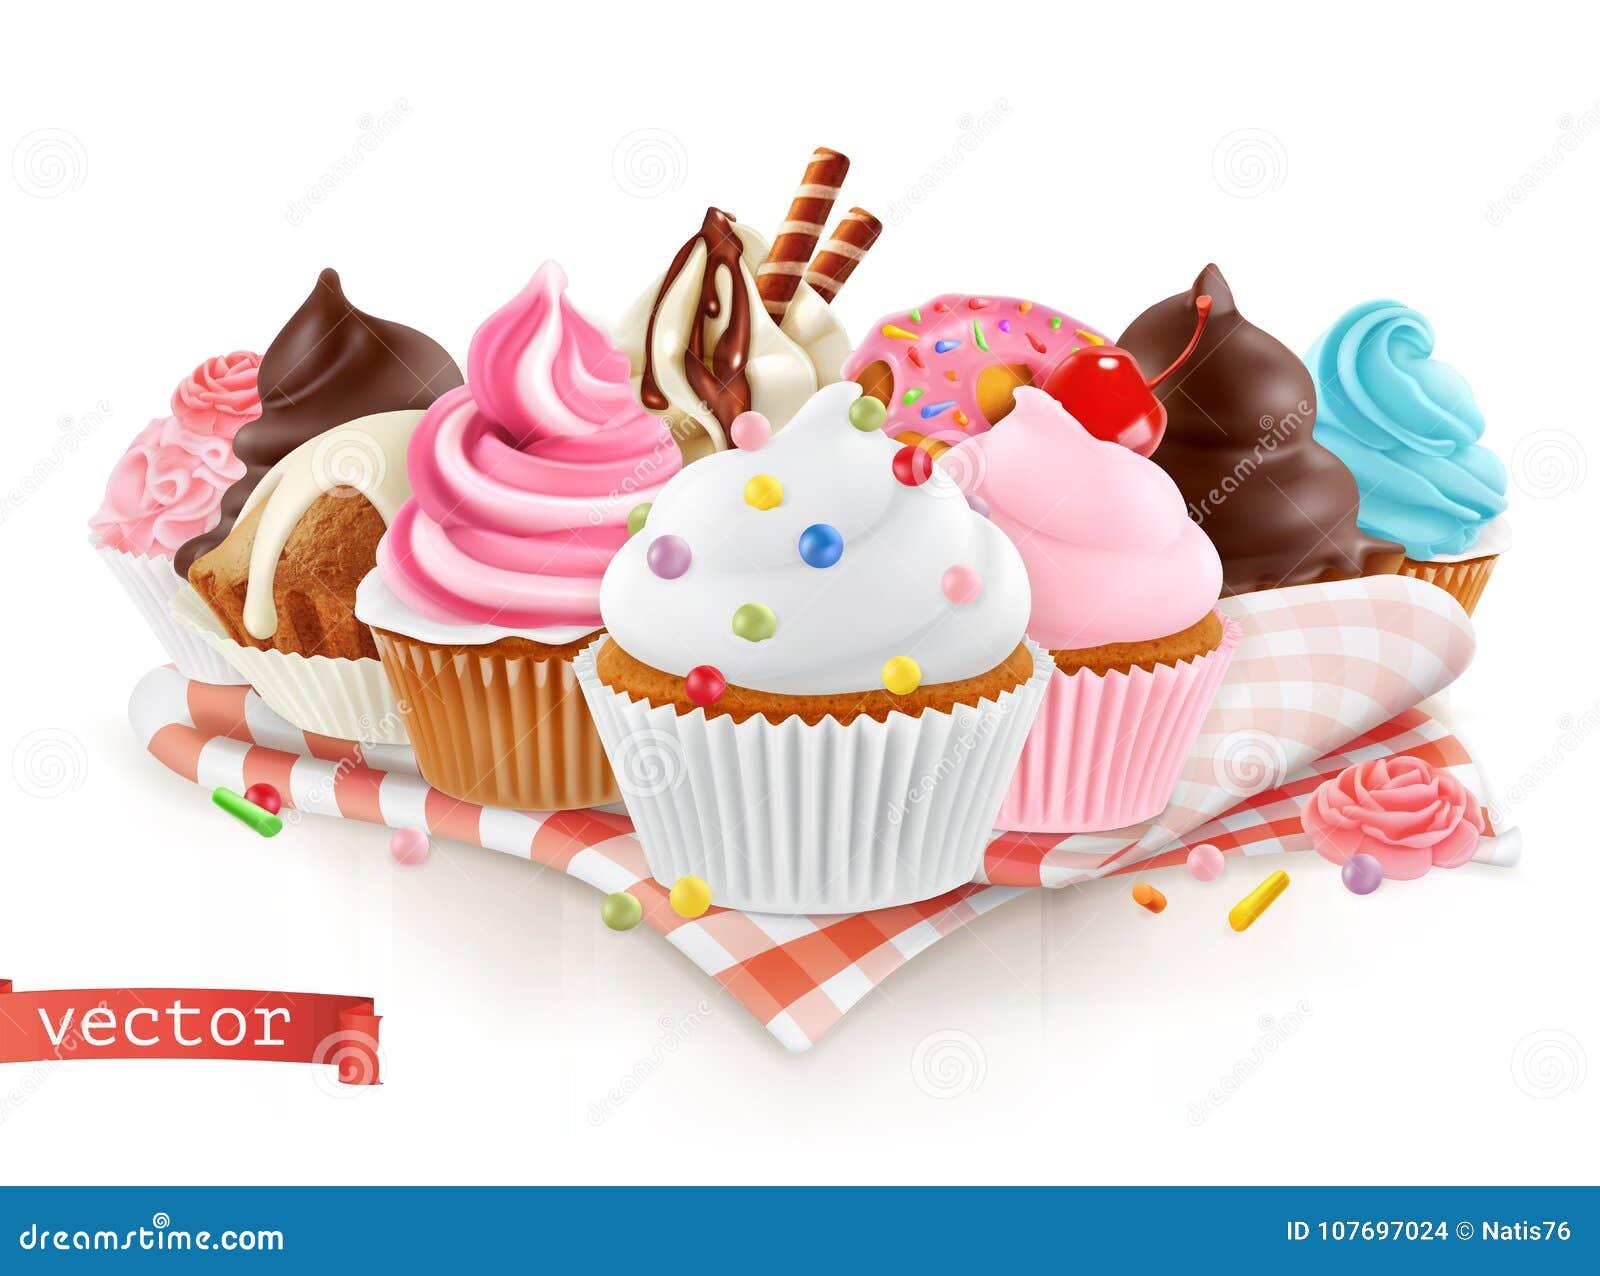 Negozio di pasticceria, confetteria Dessert dolce Dolce, bigné vettore 3d